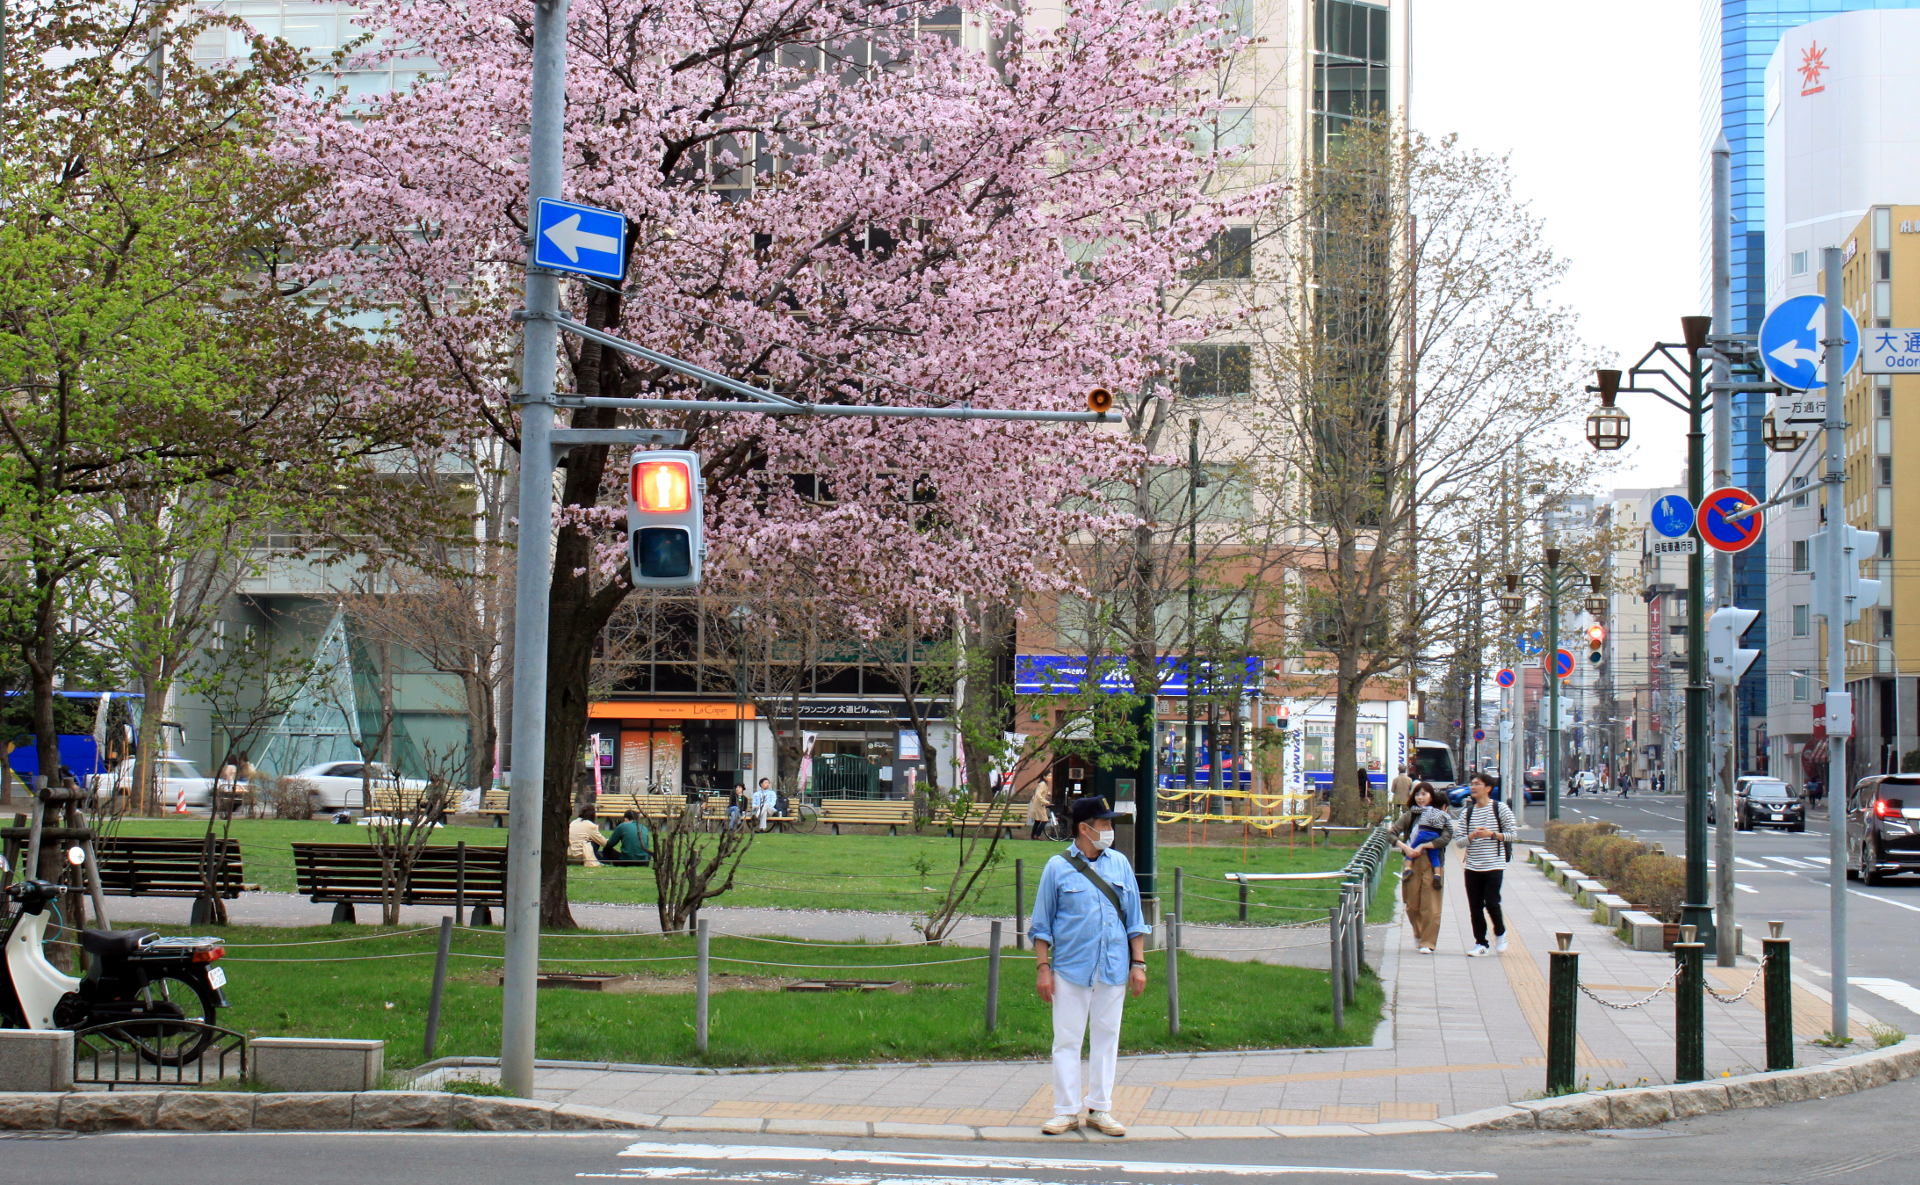 hokkaido japonia sapporo park odori wiosna kwitnaca wisnia iglawpodrozy